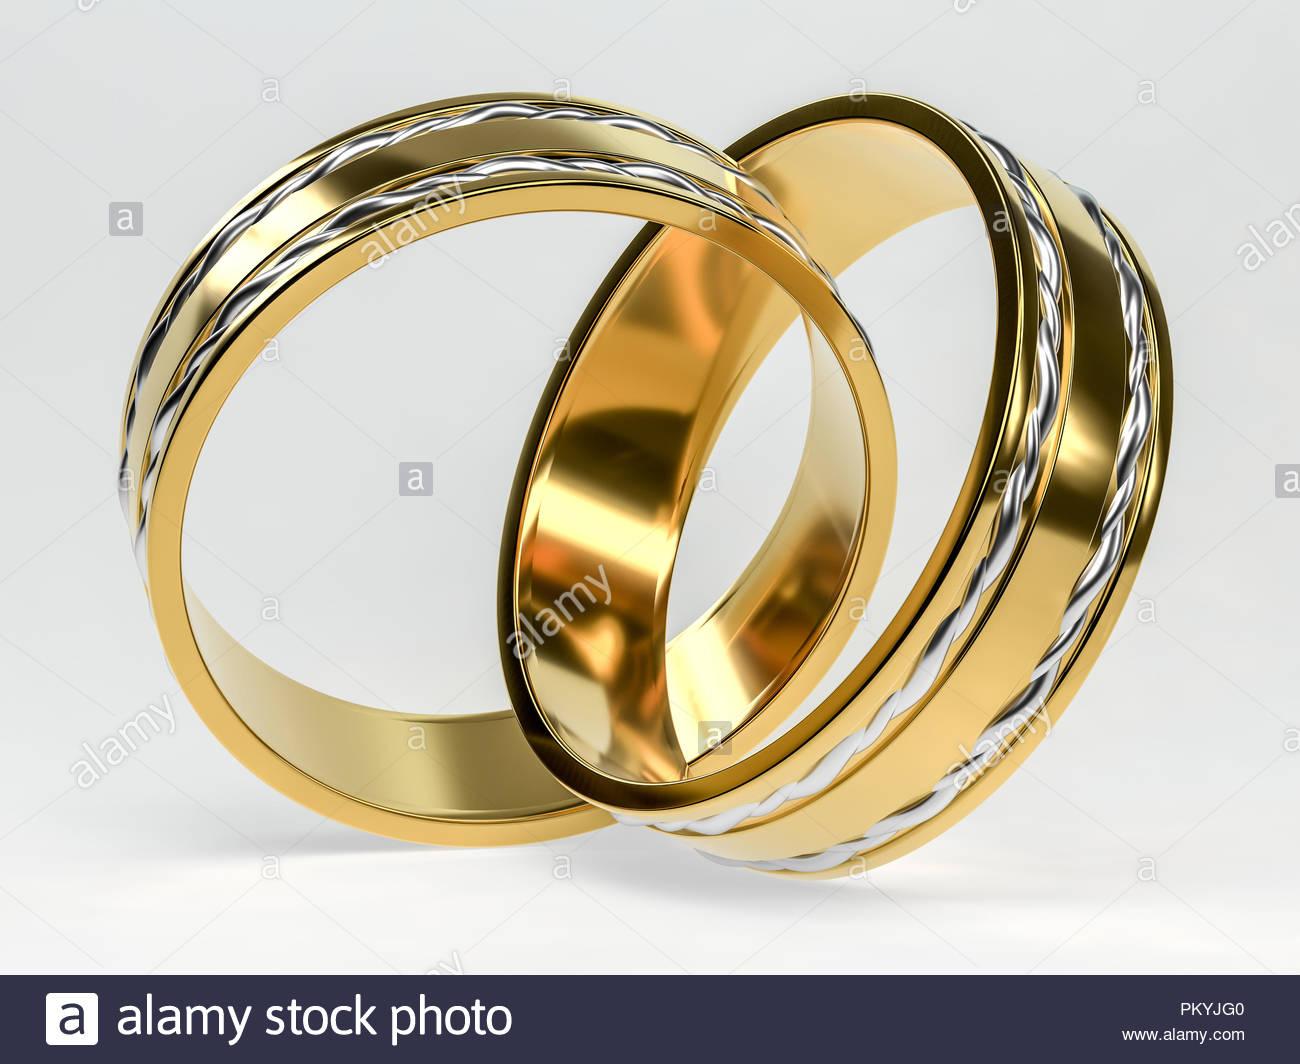 Goldene Hochzeit Ring Isoliert Hochzeit Ringe Hintergrund